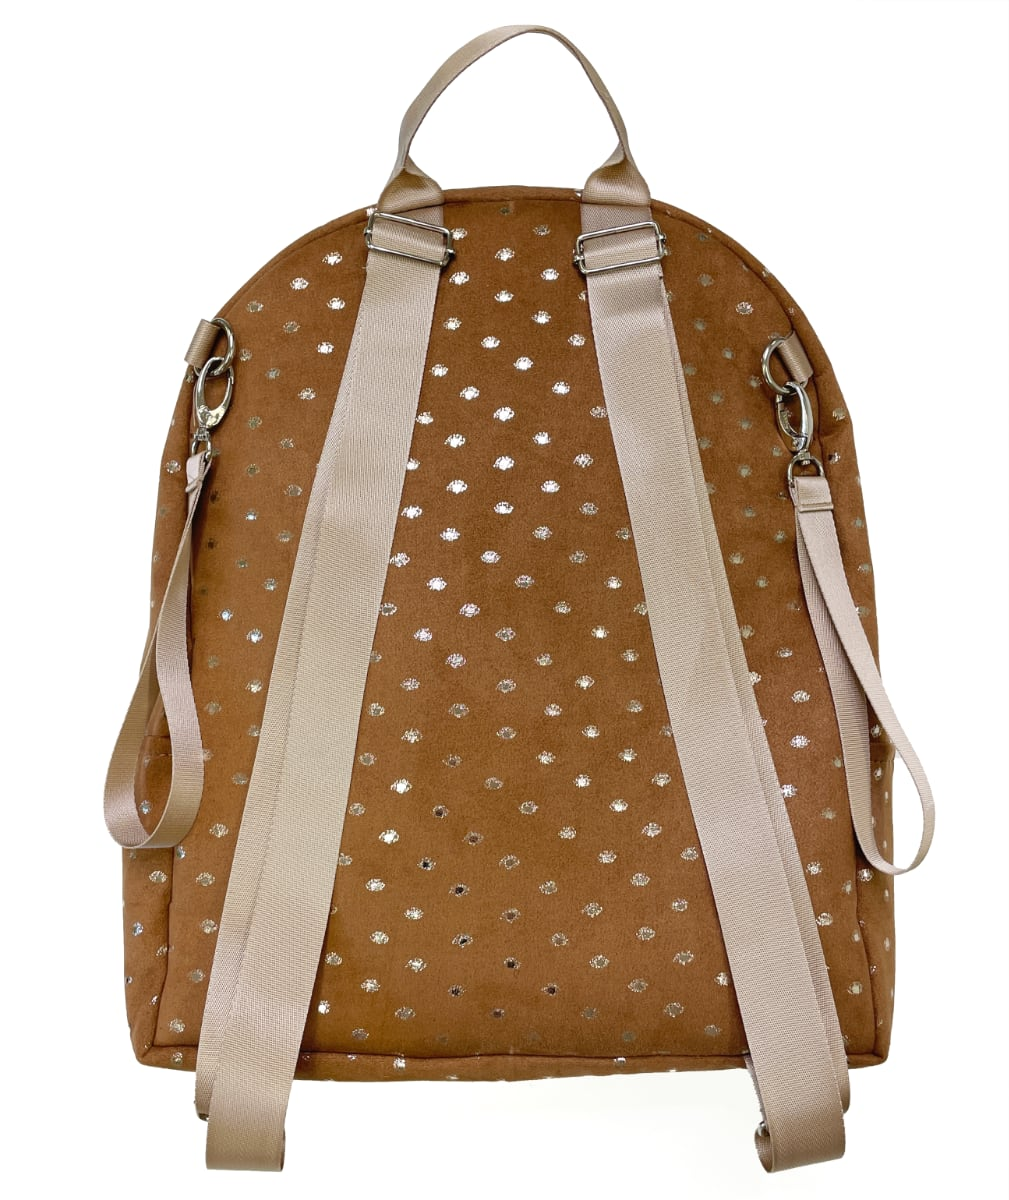 kliknutít zobrazíte maximální velikost obrázku Plecak Bugee Suede Brown